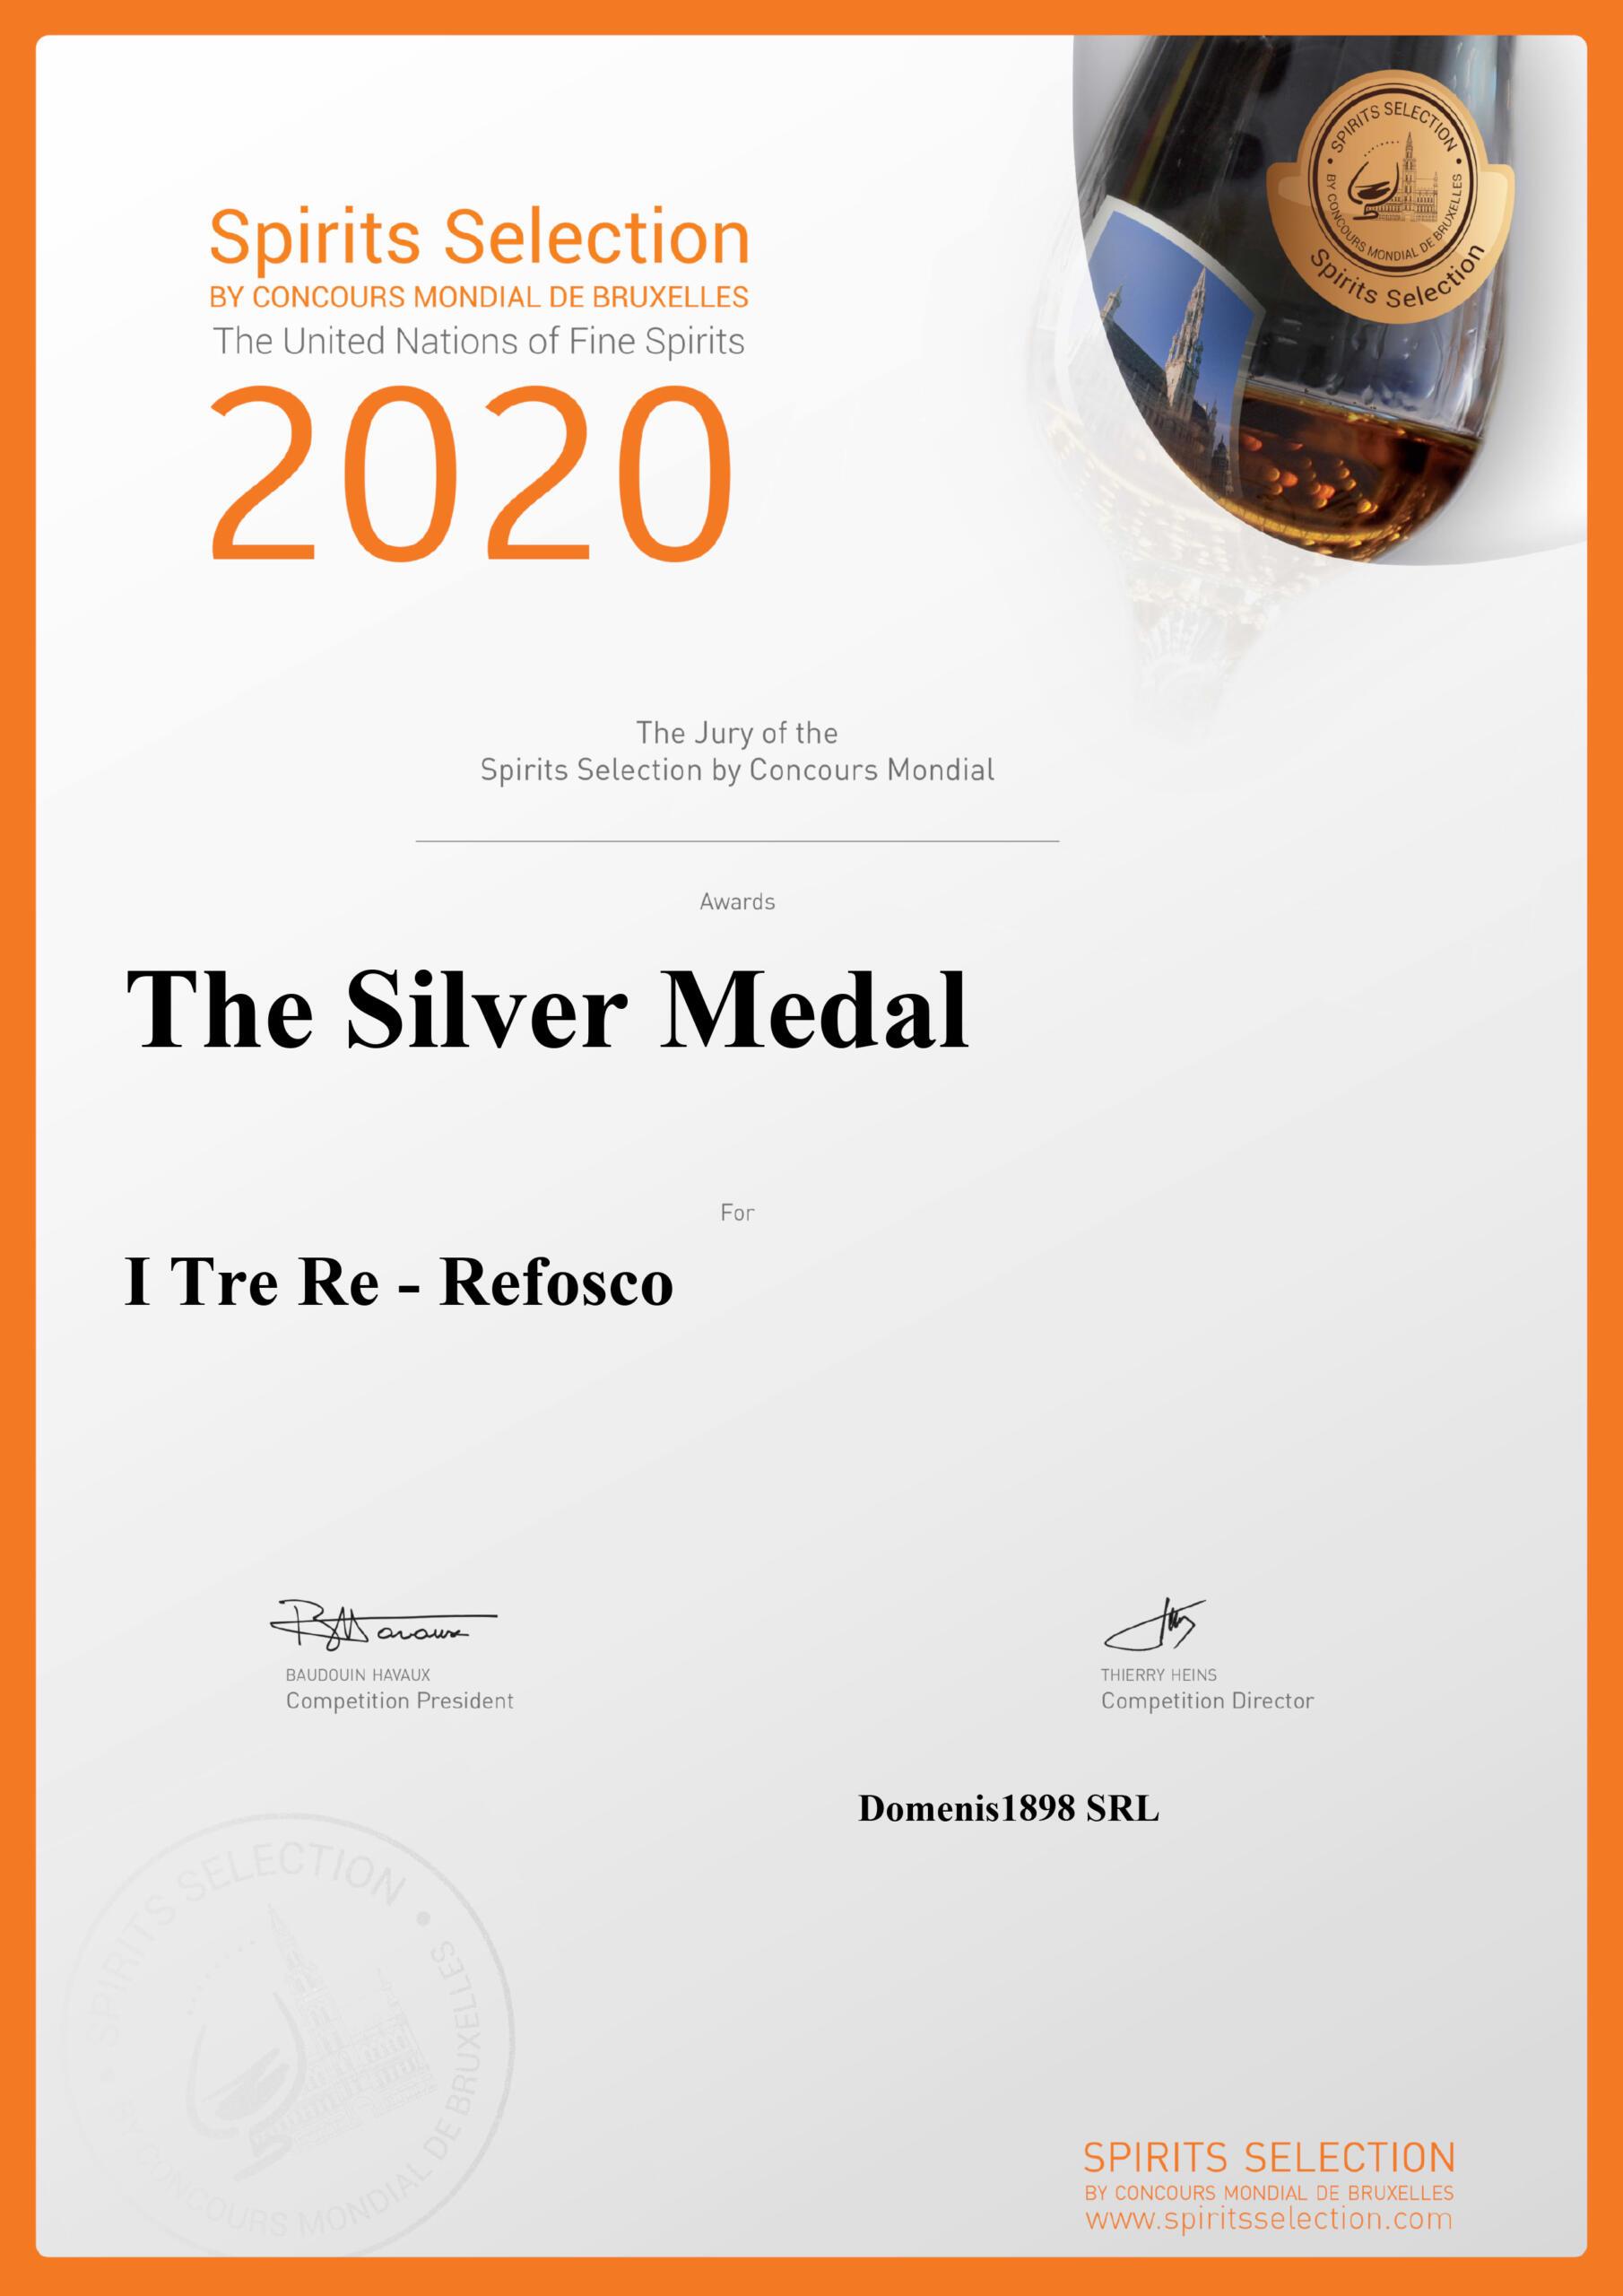 Spirits Selection by Concours Mondial de Bruxelles 2020 – Silver Medal – I III Re – Refosco